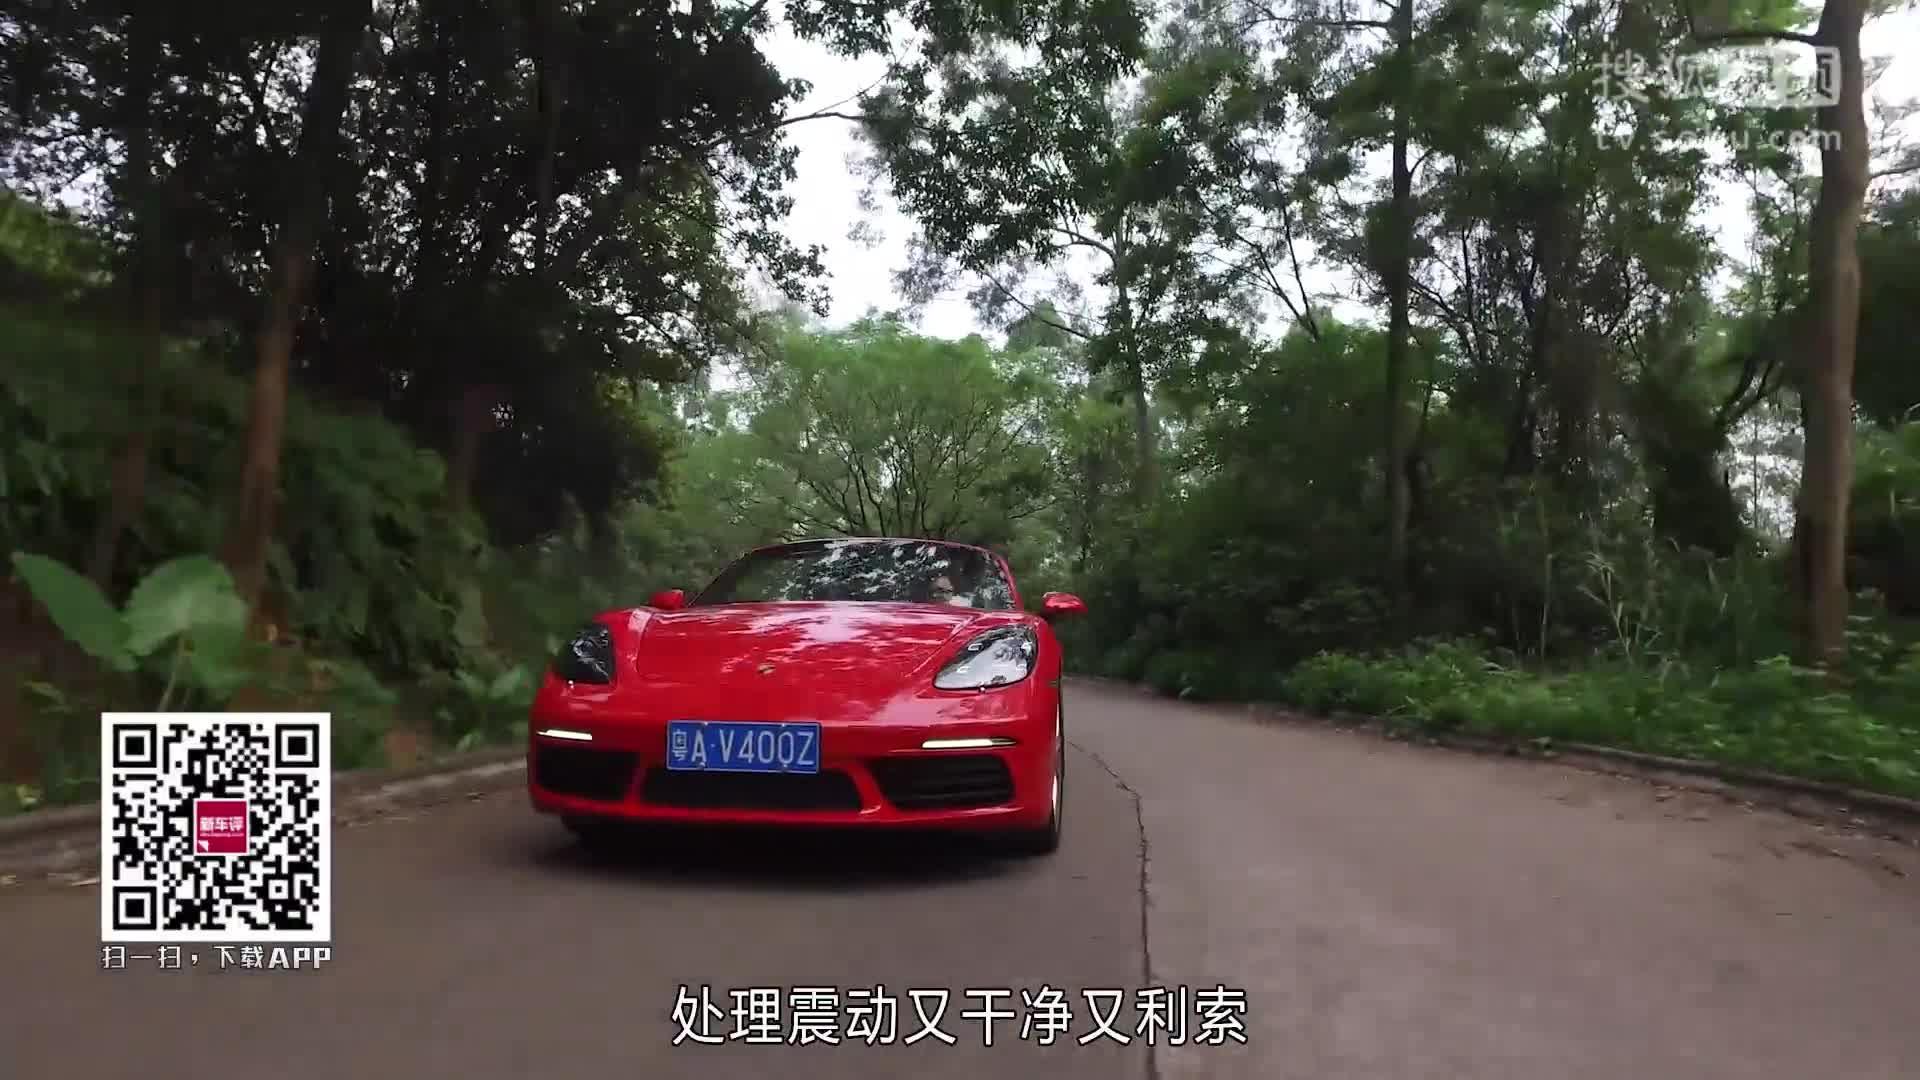 超碰秀_Cayman_保时捷的视频-搜狐汽车